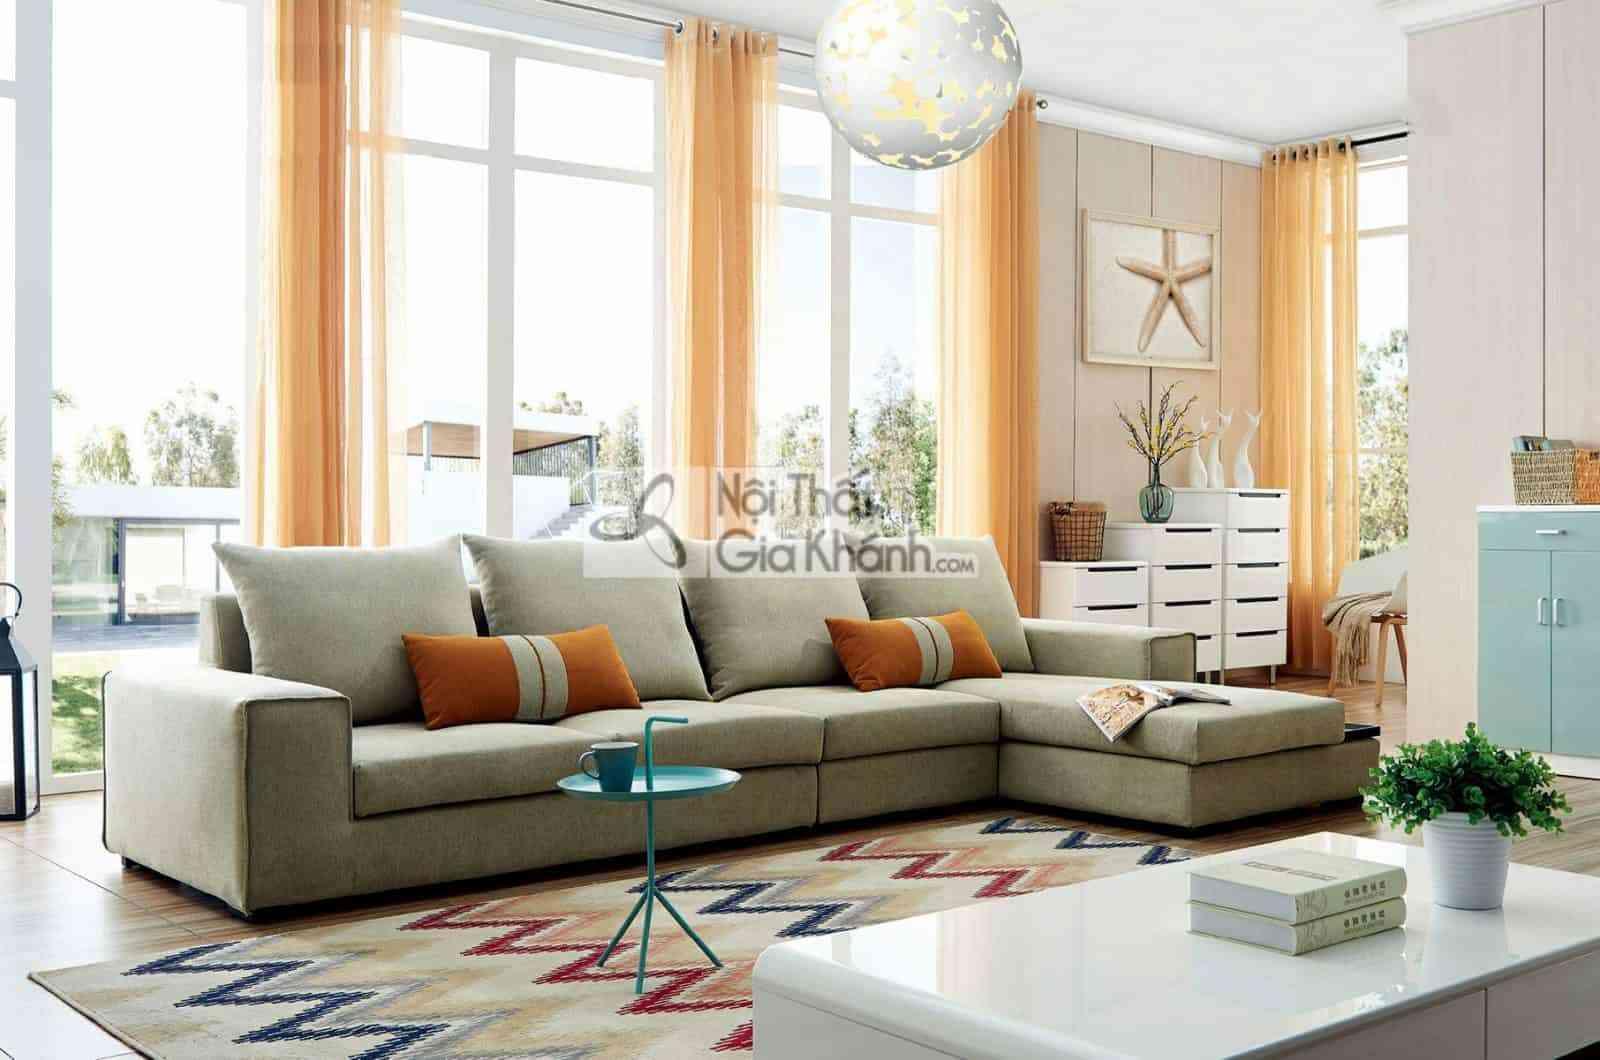 Tìm hiểu về mức giá sofa nhỏ trên thị trường - Tim hieu ve muc gia sofa nho tren thi truong 1